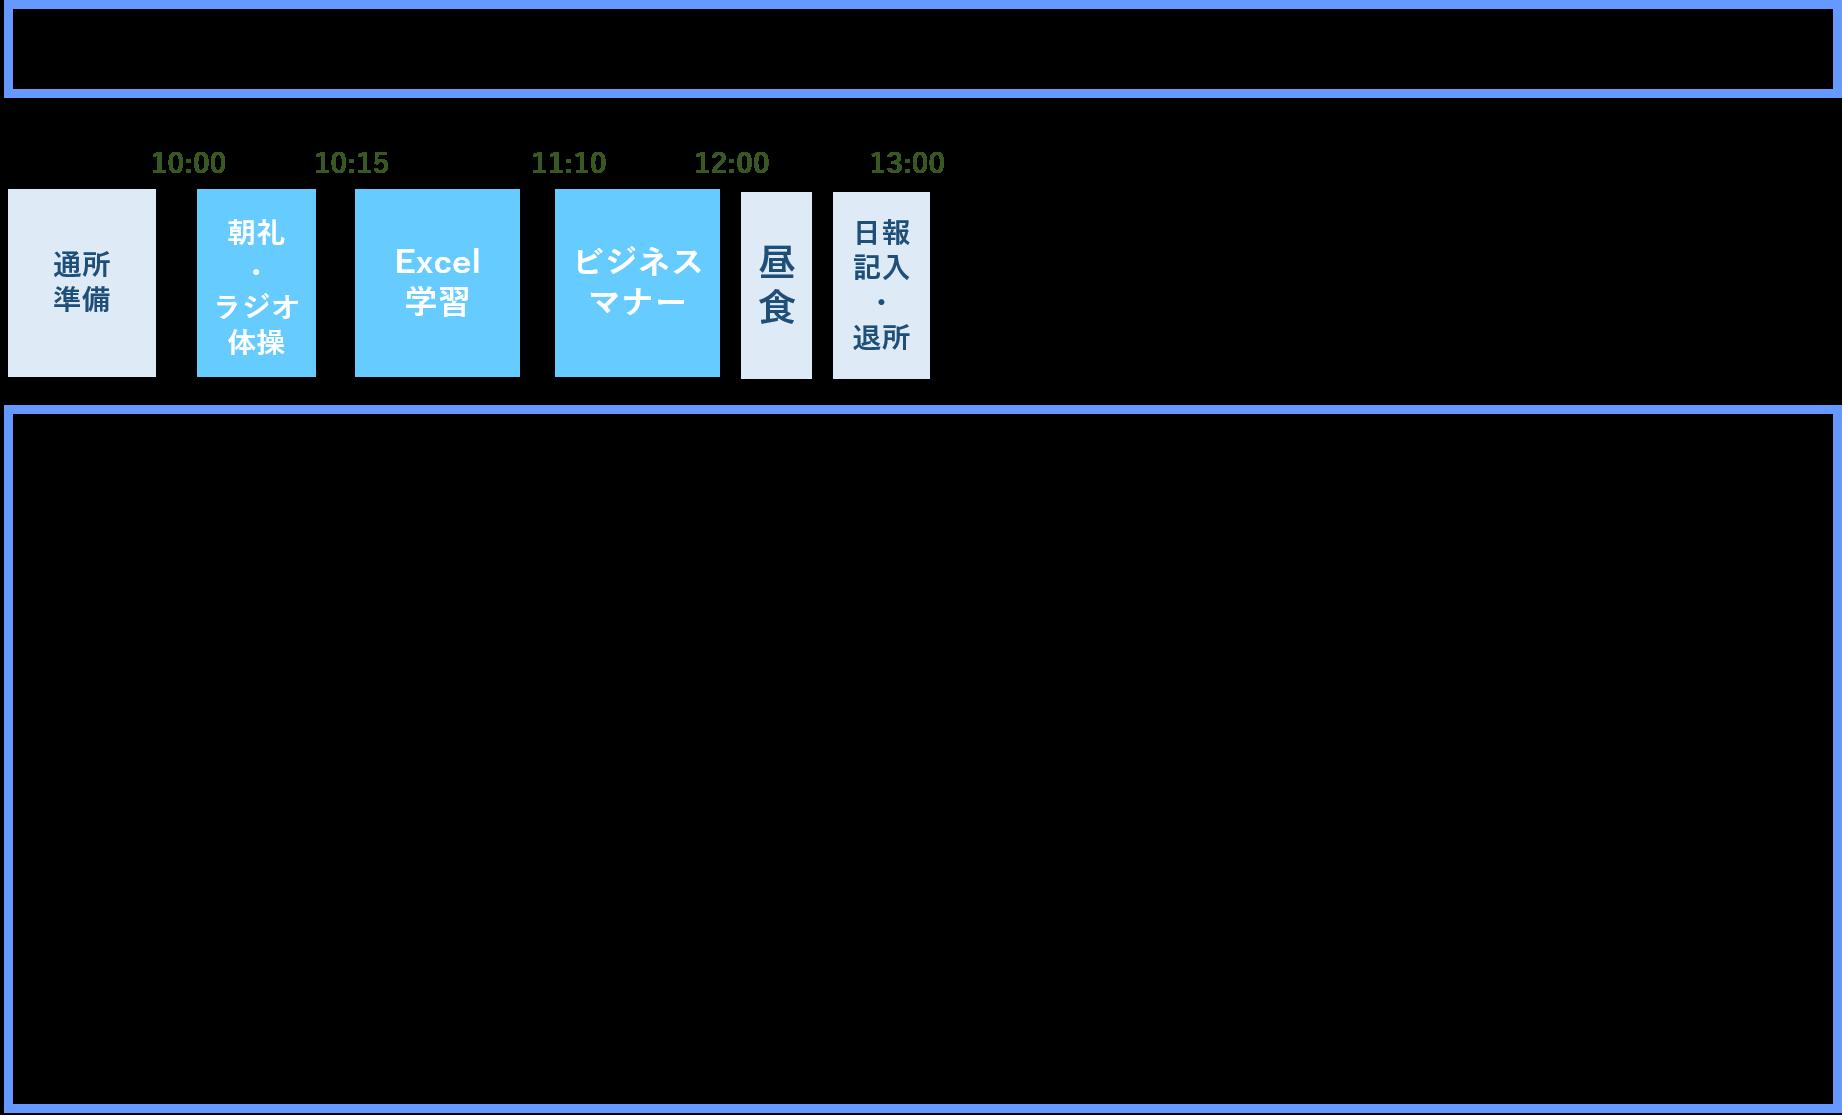 図2_Bさんの1日のスケジュール